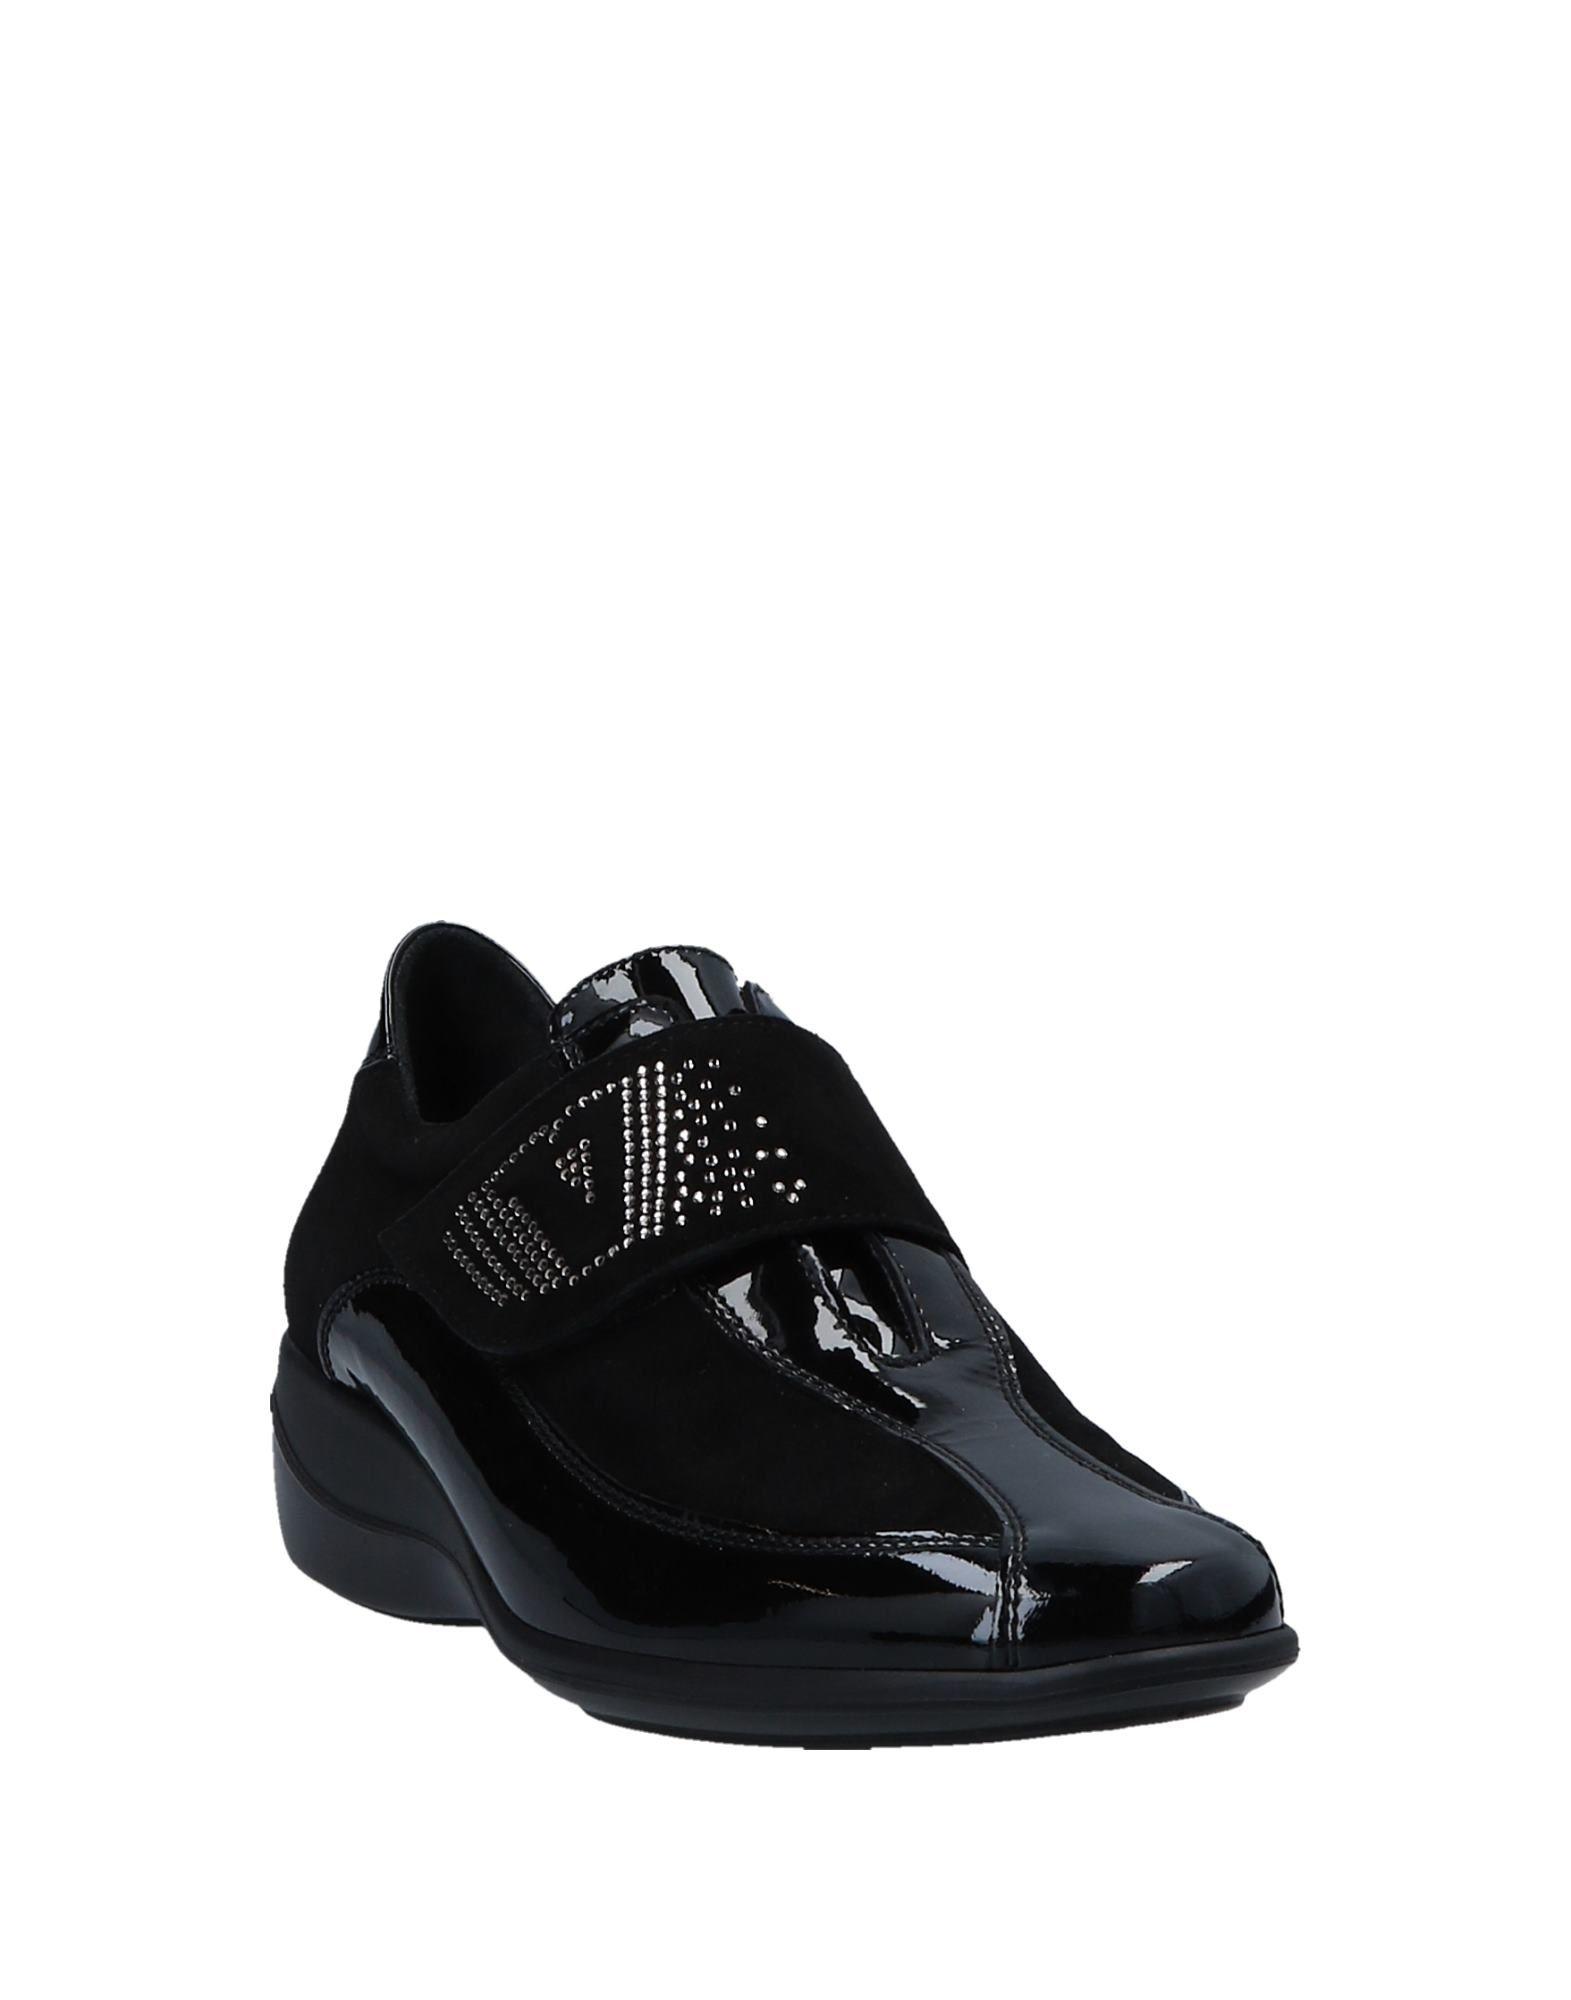 Valleverde Sneakers Damen Gutes Preis-Leistungs-Verhältnis, Preis-Leistungs-Verhältnis, Preis-Leistungs-Verhältnis, es lohnt sich f77925